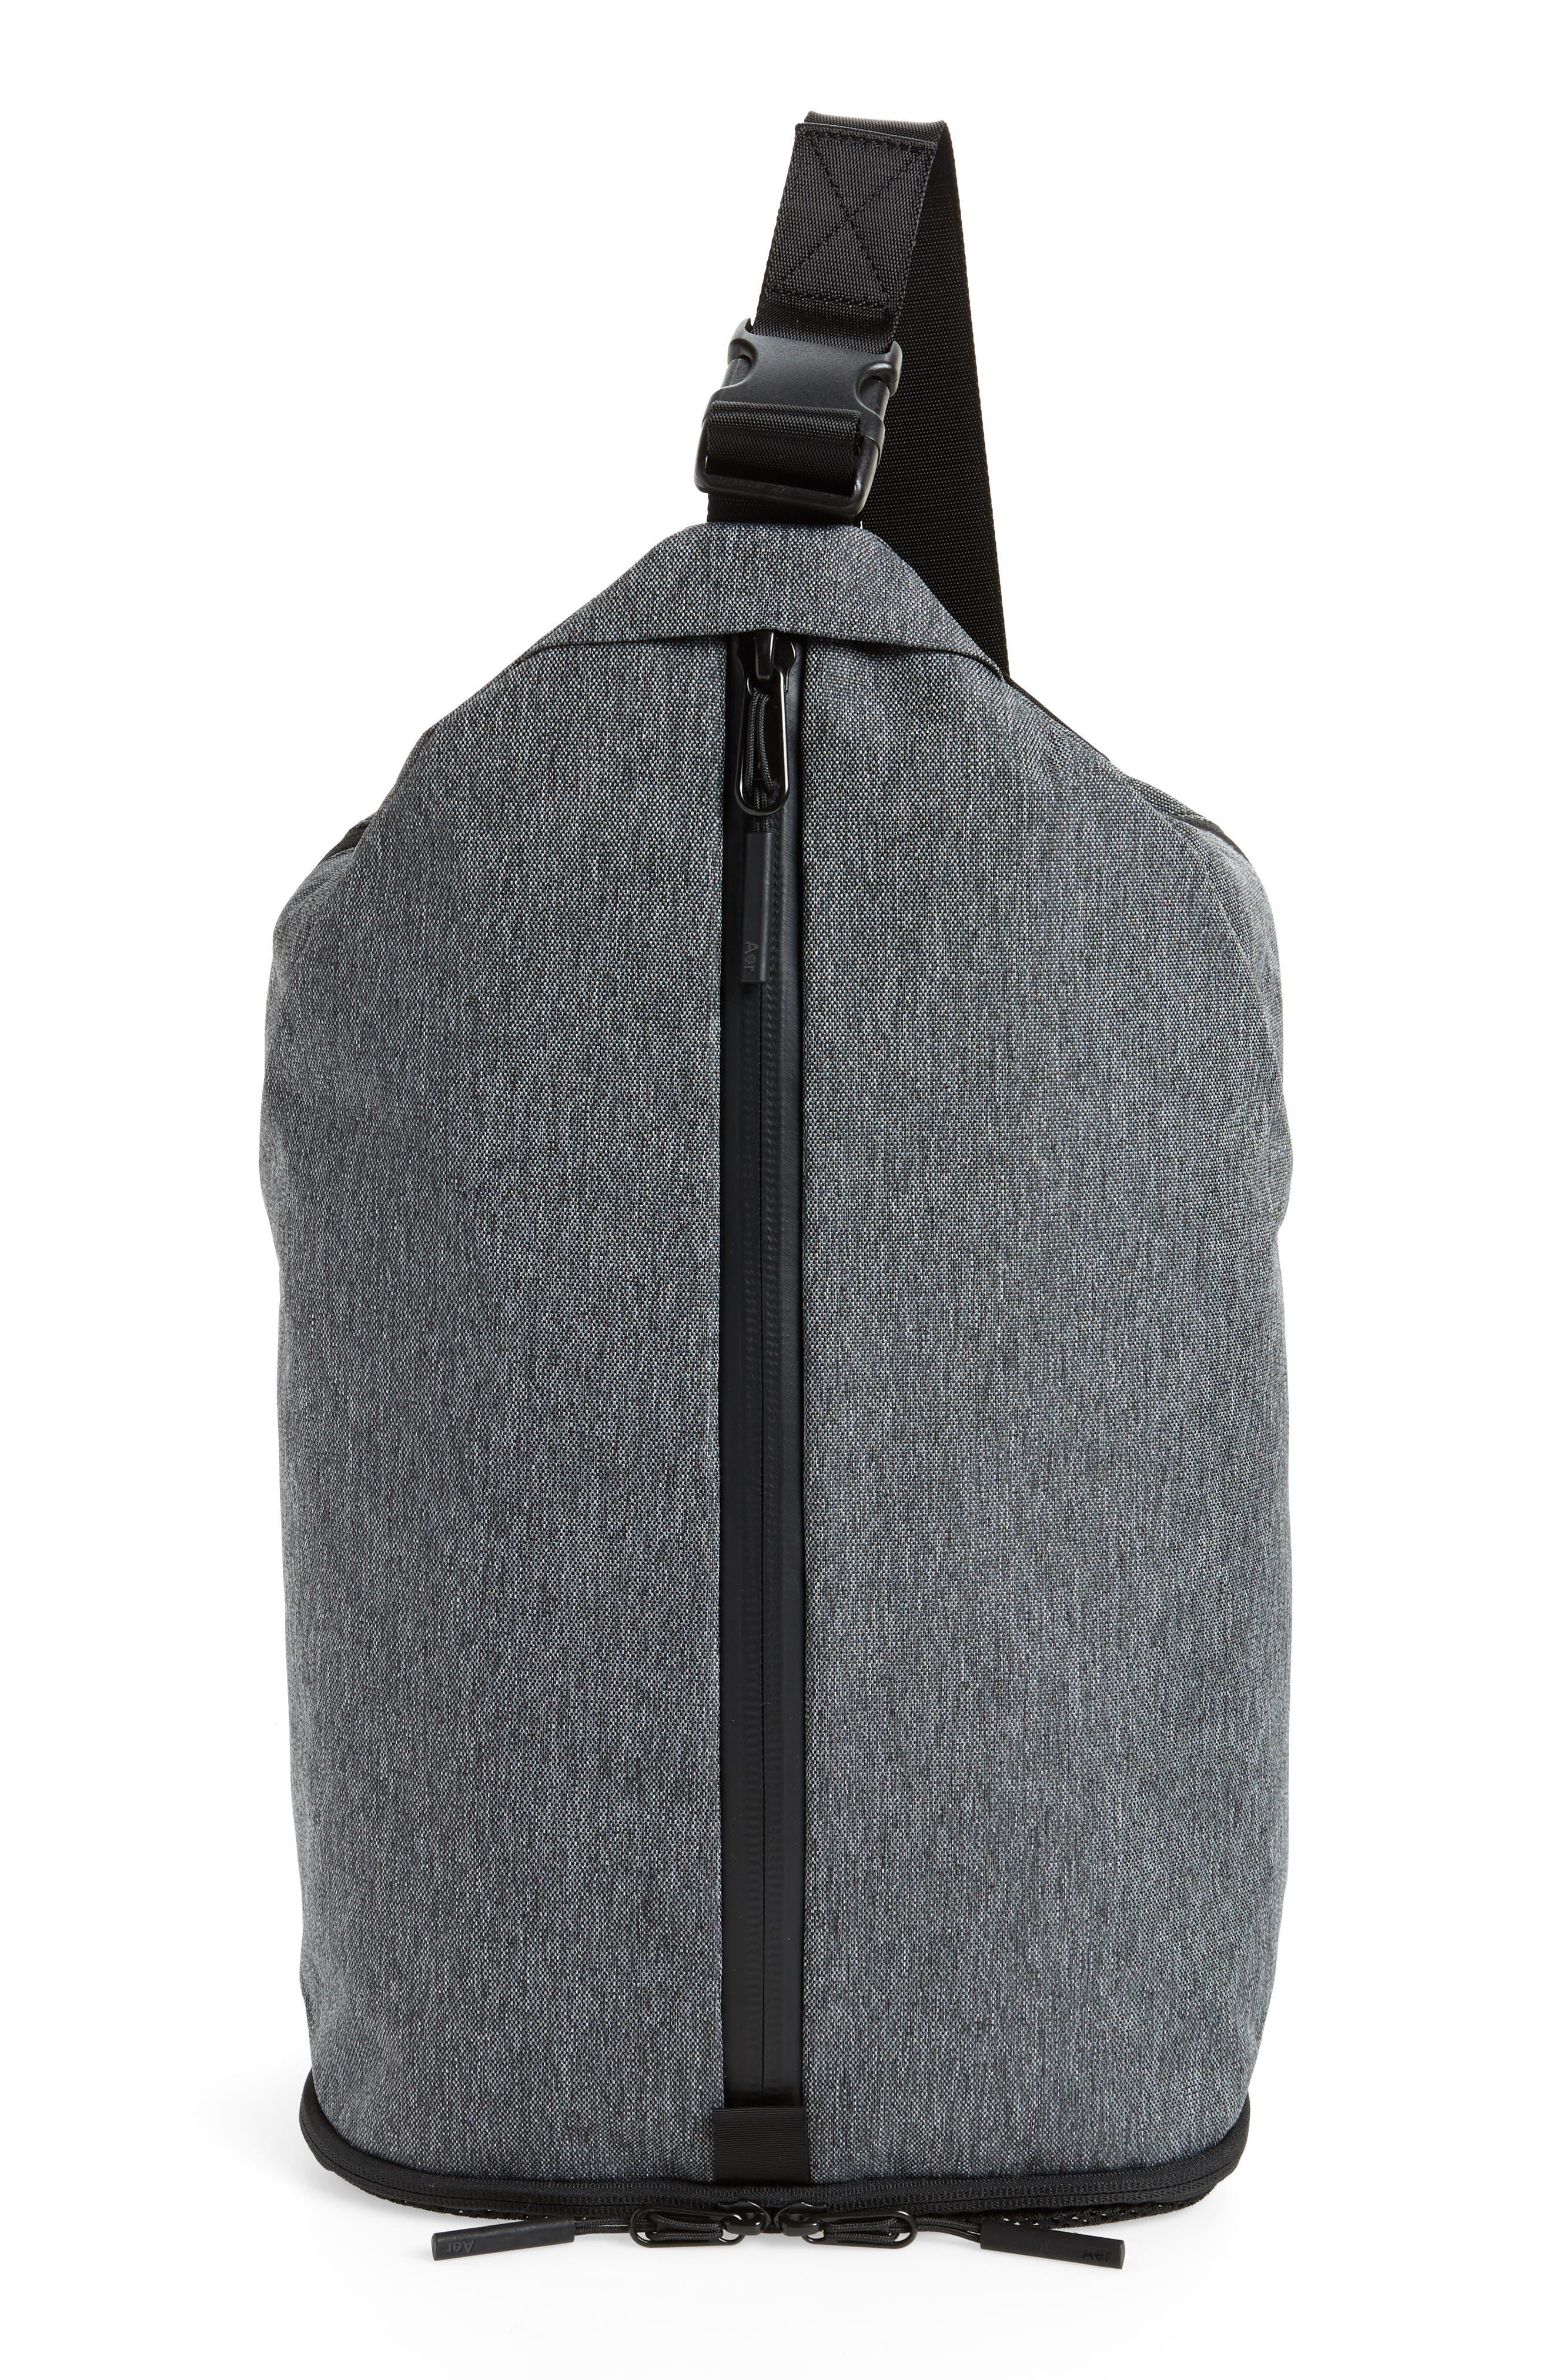 Main Image - Aer Sling Bag 2 Sling